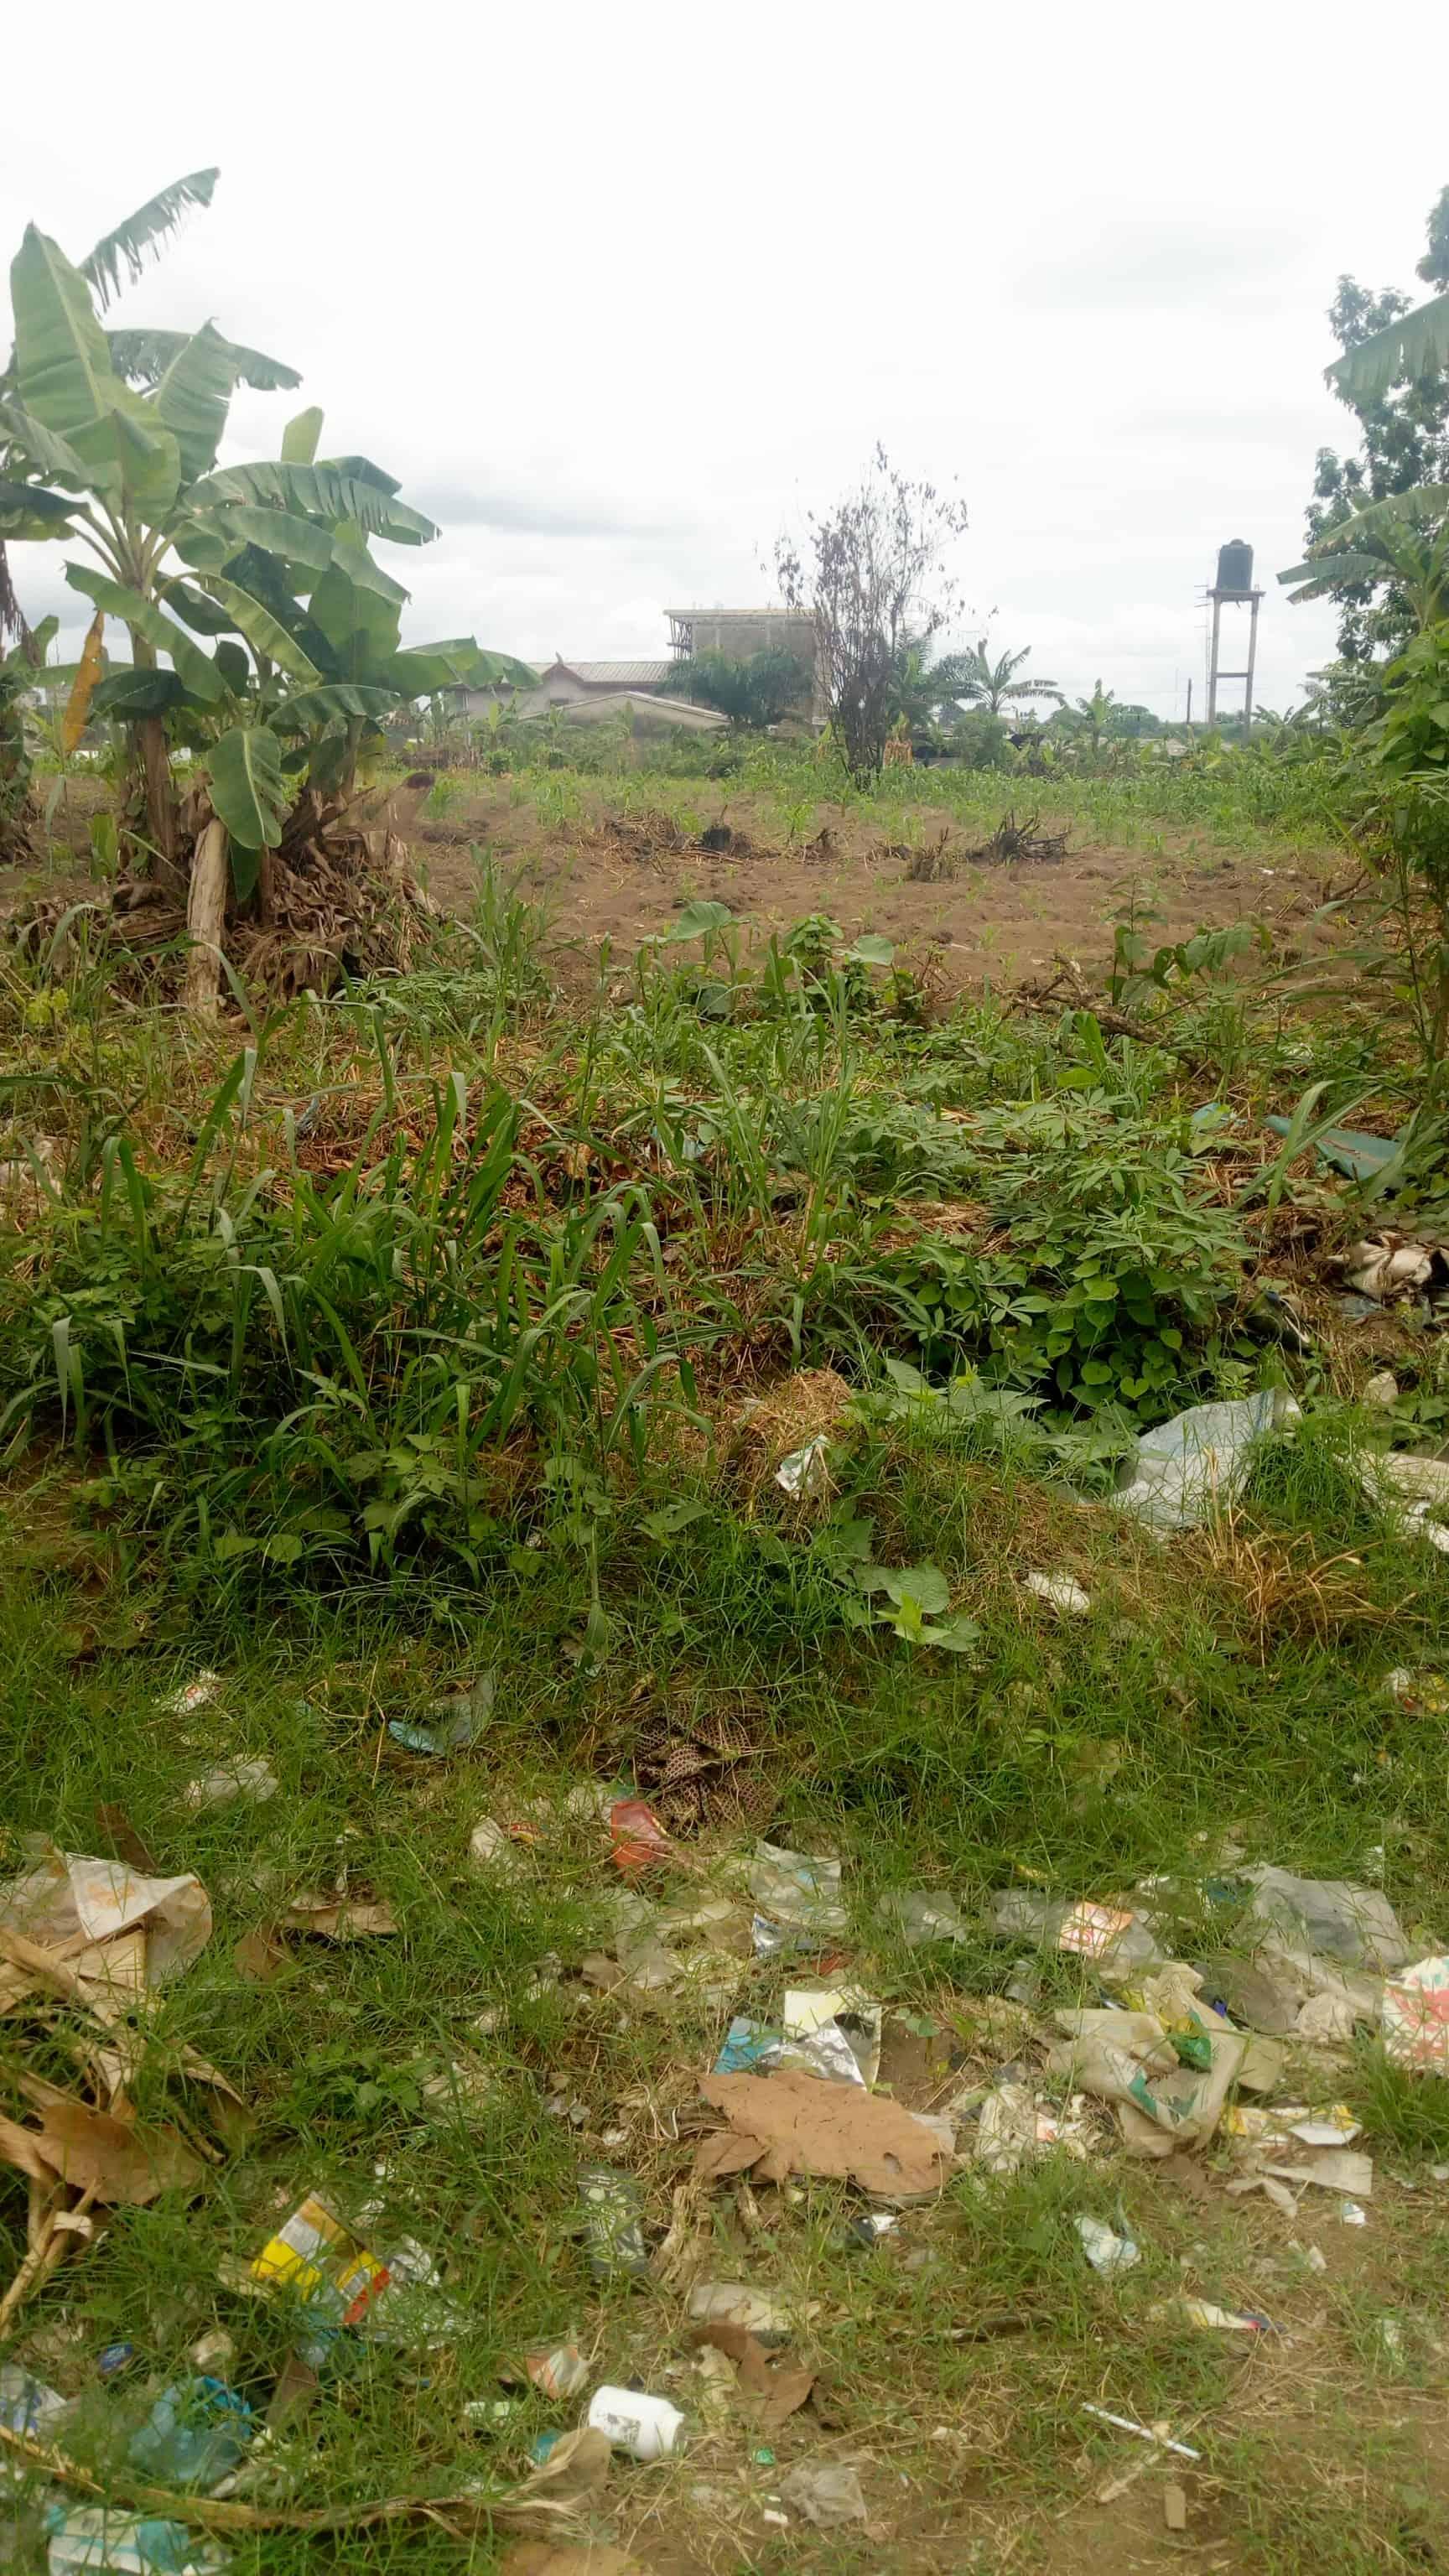 Land for sale at Douala, PK 14, Derrière la gendarmerie - 500 m2 - 8 000 000 FCFA